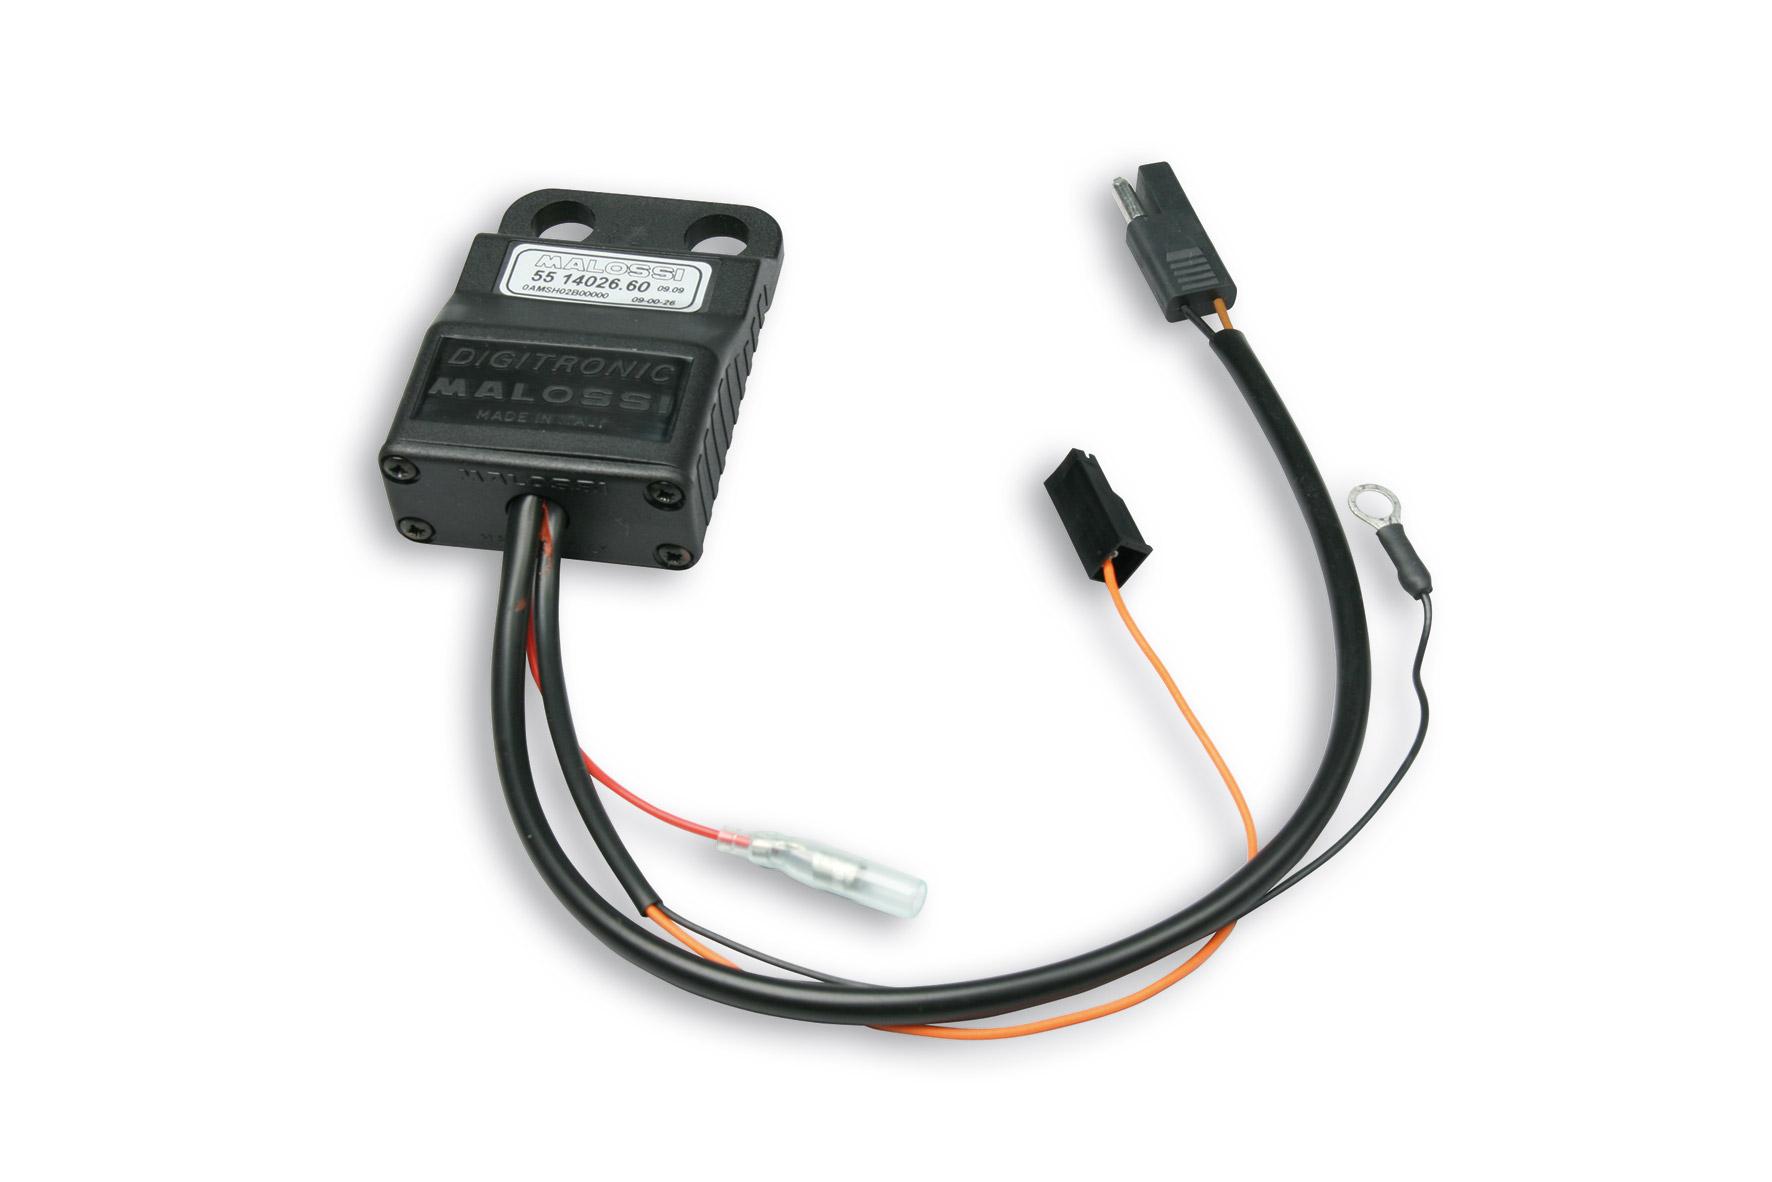 Centralina elettronica digitale DIGITRONIC ad anticipo variabile